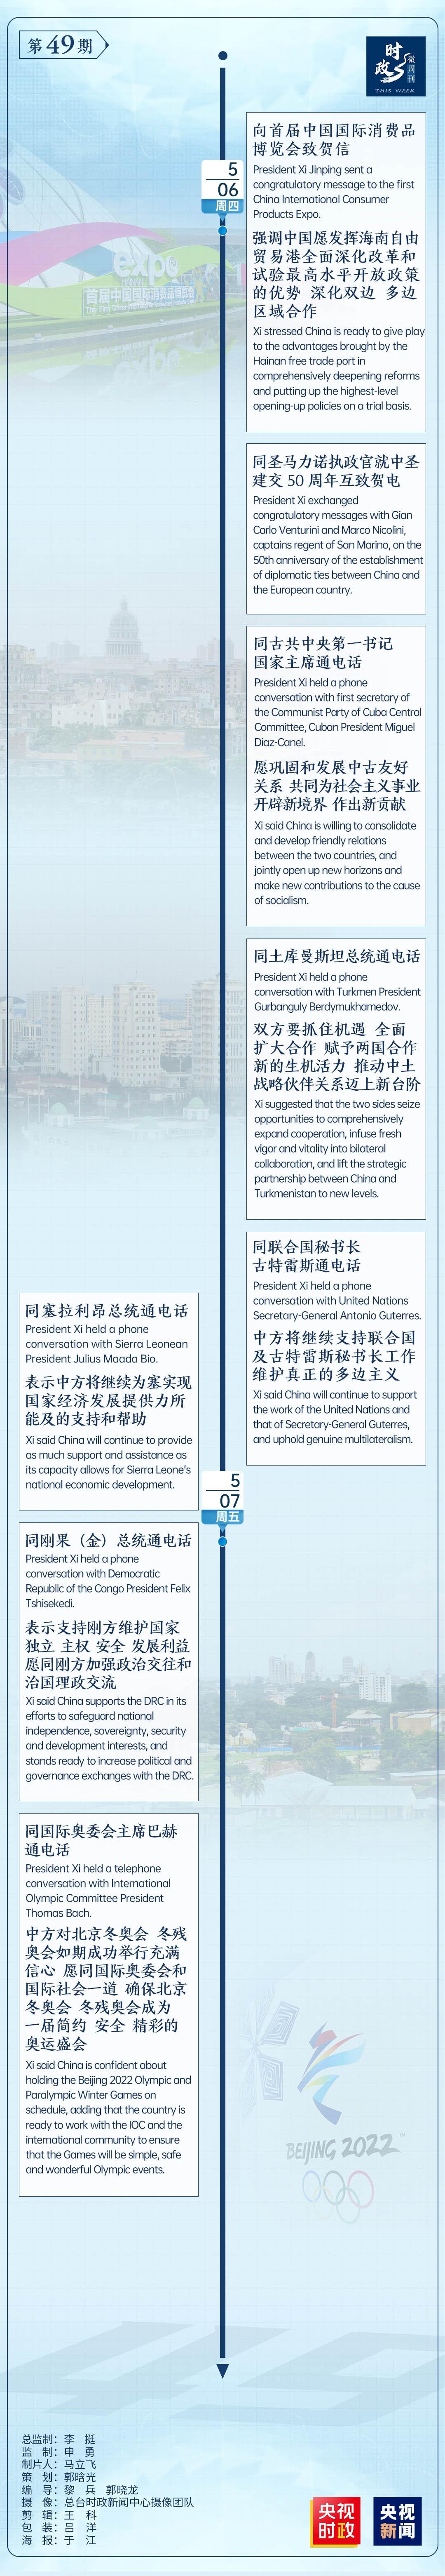 时政微周刊丨总书记的一周(5月3日—5月9日)图片